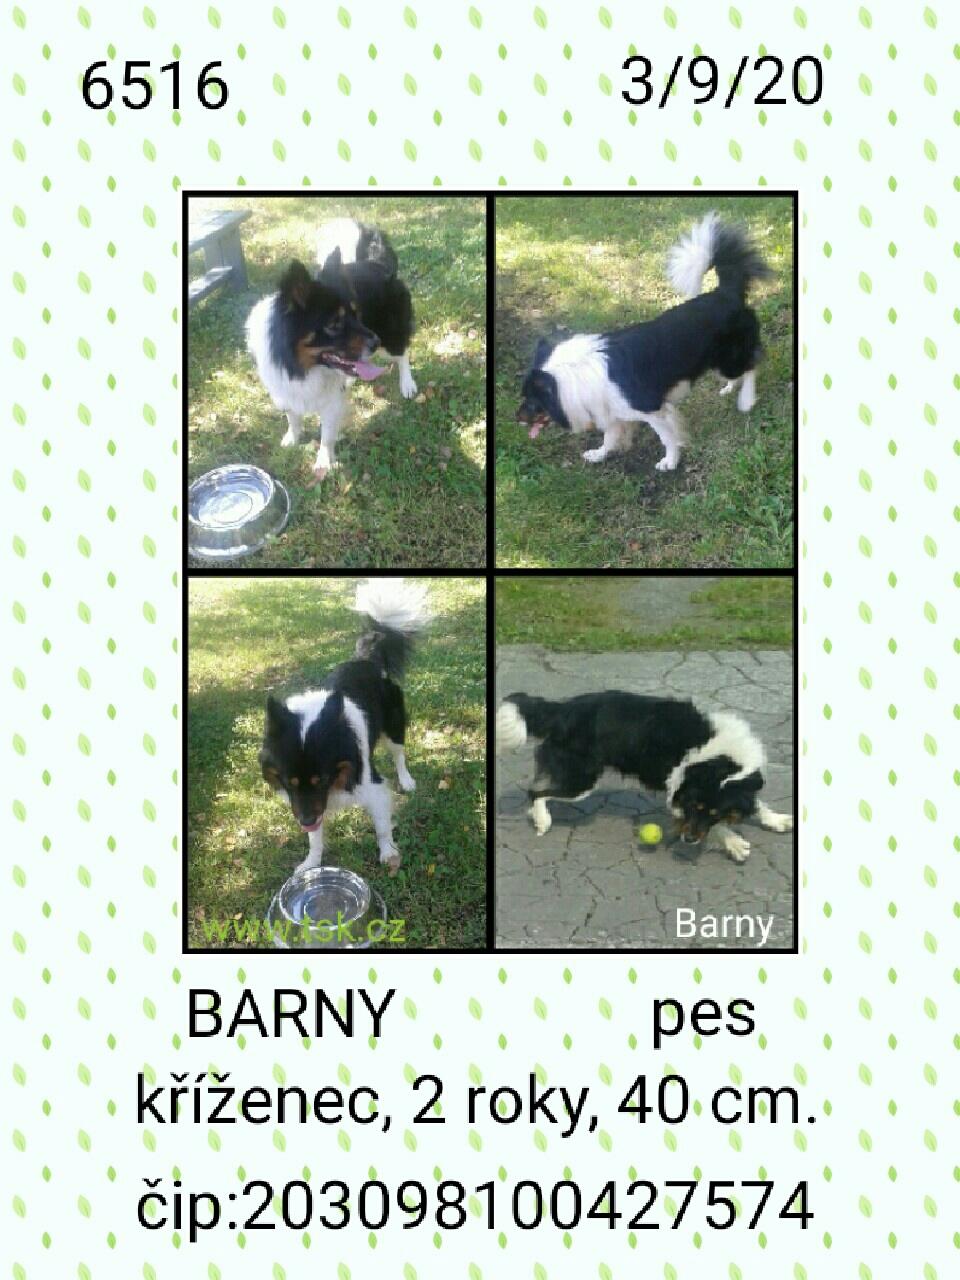 Barny - pejsek, který našel nový domov